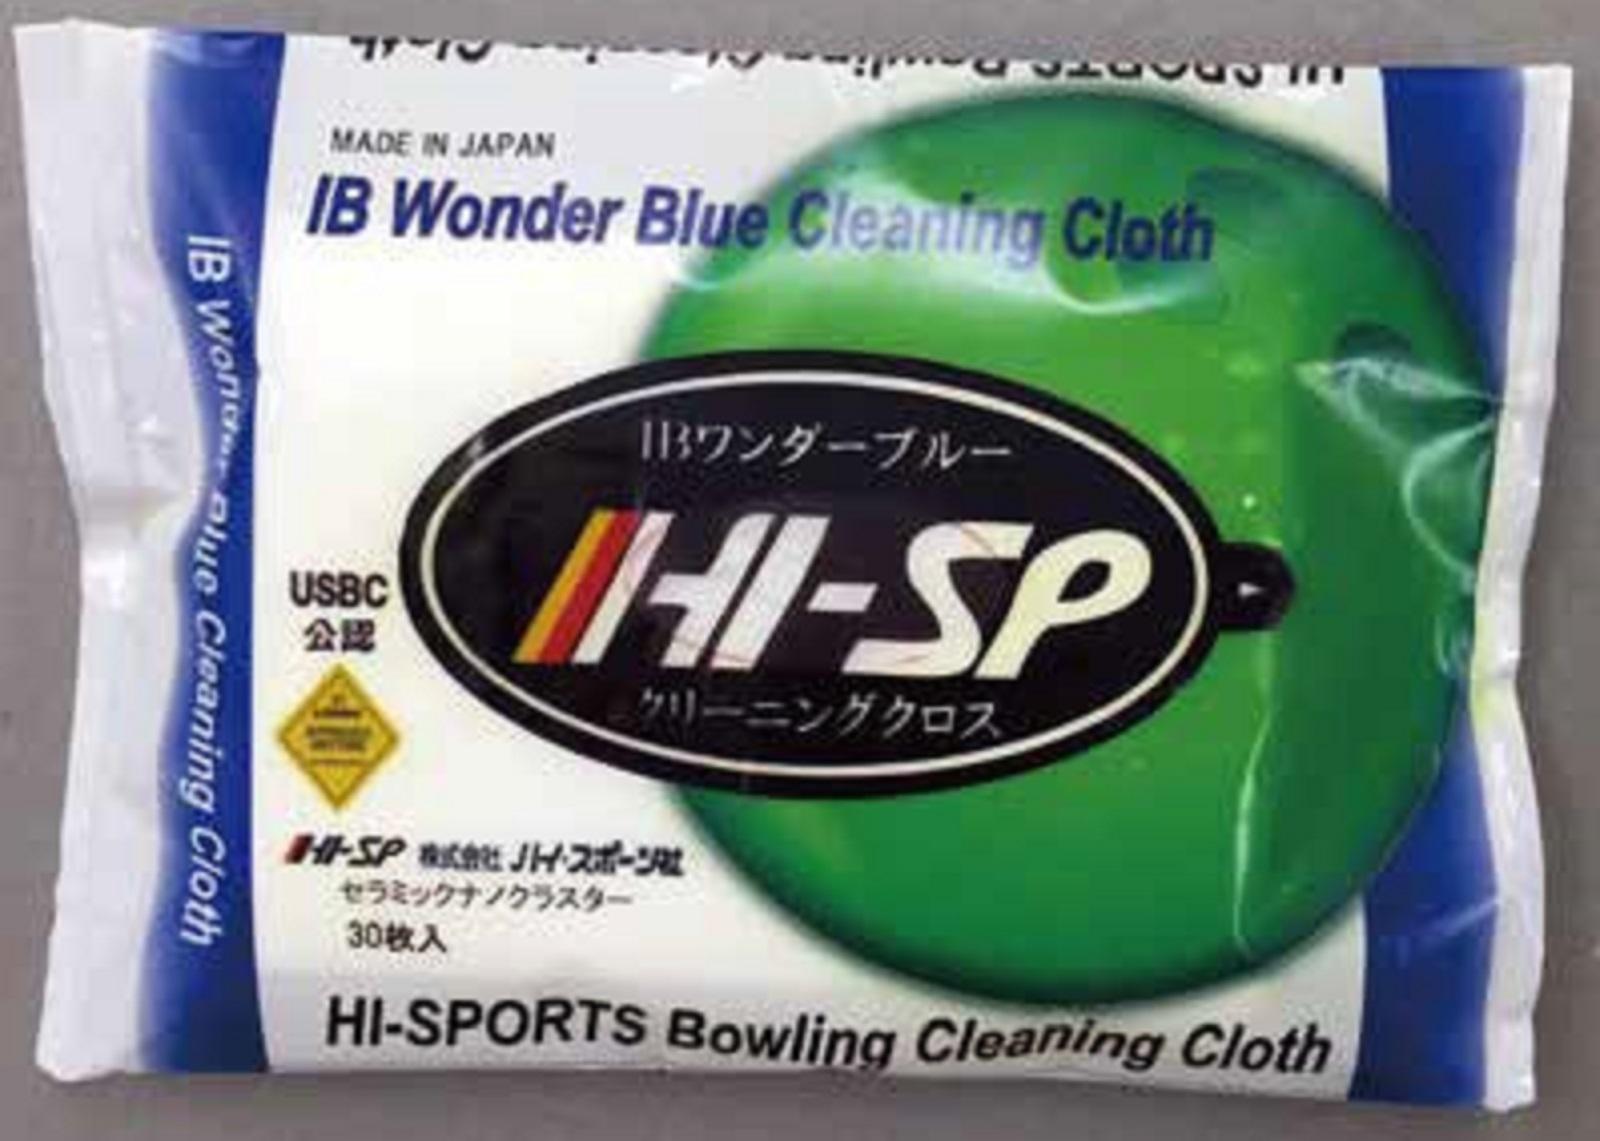 HI-SP IBワンダーブルー・クリーニングクロス 【ボウリング用品】